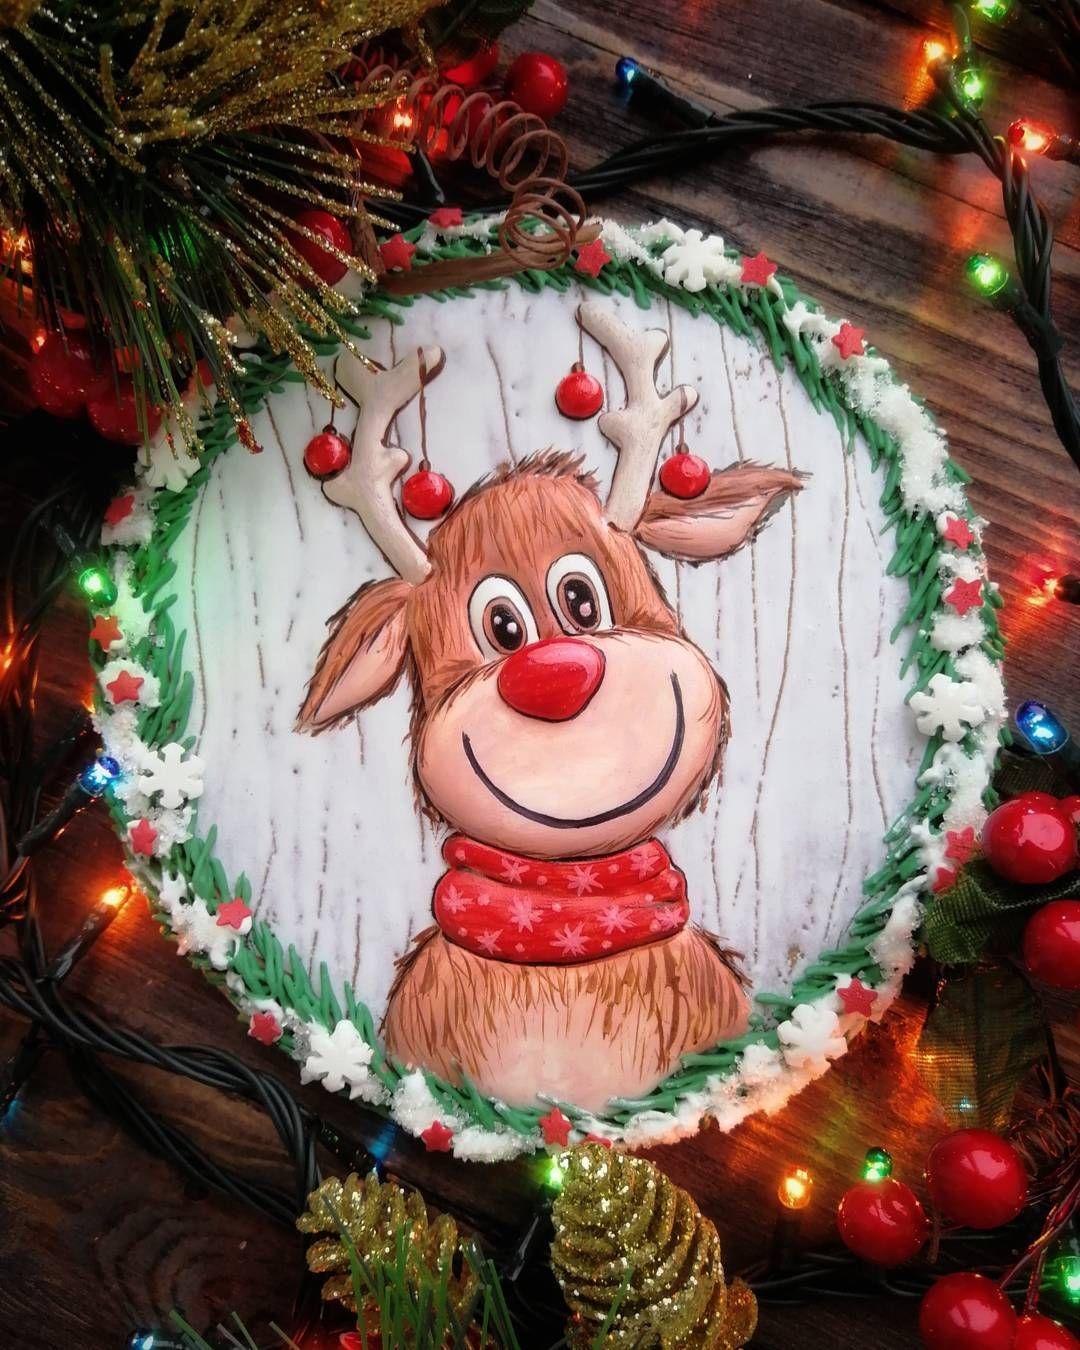 S Nastupayushim Novym Godom Vas Druzya Budte Schastlivy Pust Vsyo Poluchaetsya Zhivyotsya Legko A Schaste Priu Christmas Ornaments Novelty Christmas Holiday